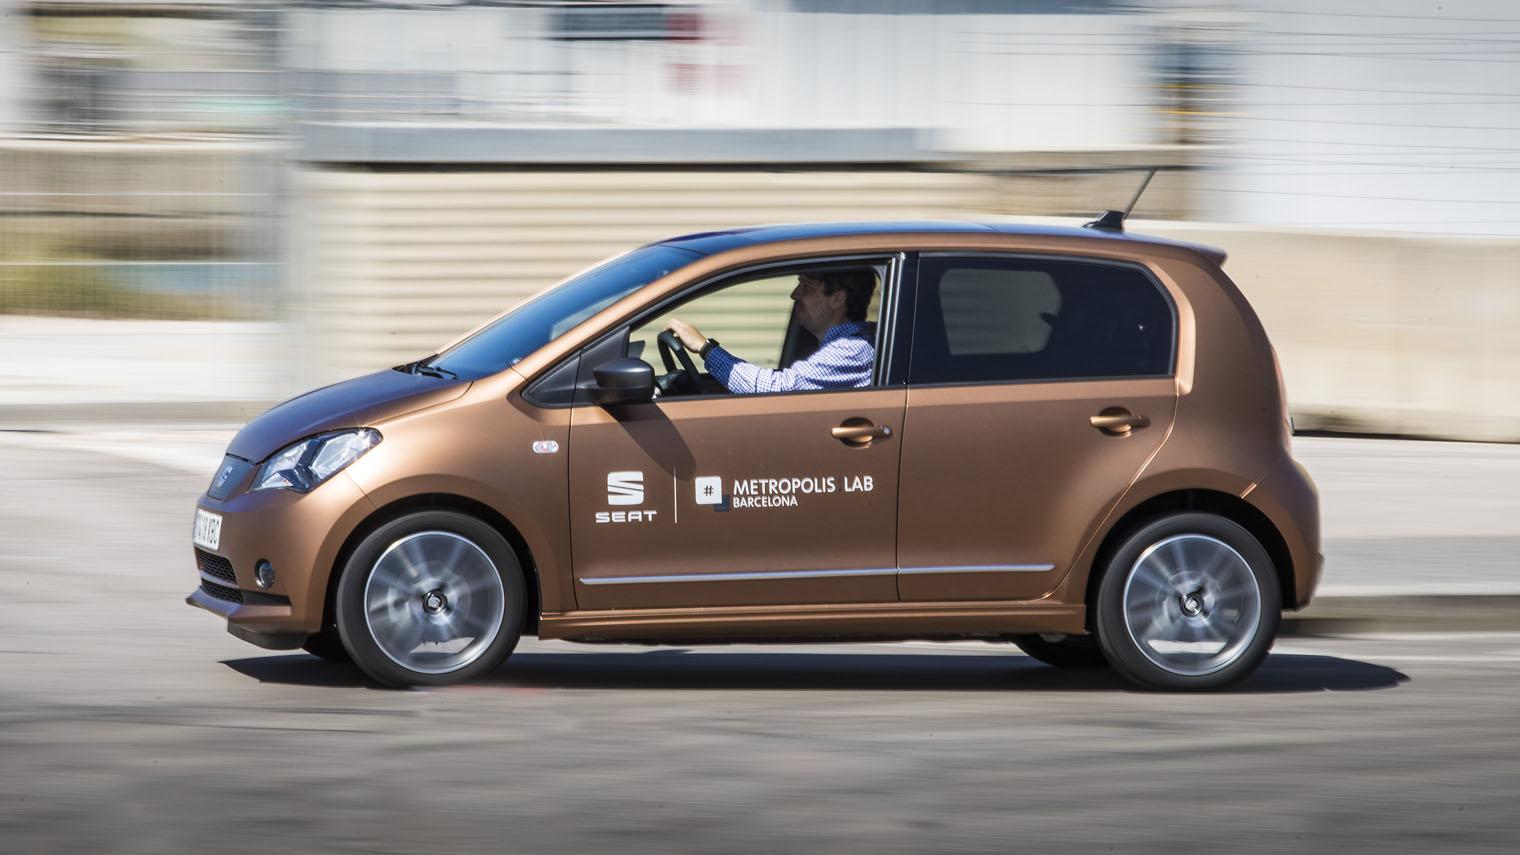 Seat Gebruikt Deelauto Als Proeftuin Voor Connected Diensten Anwb